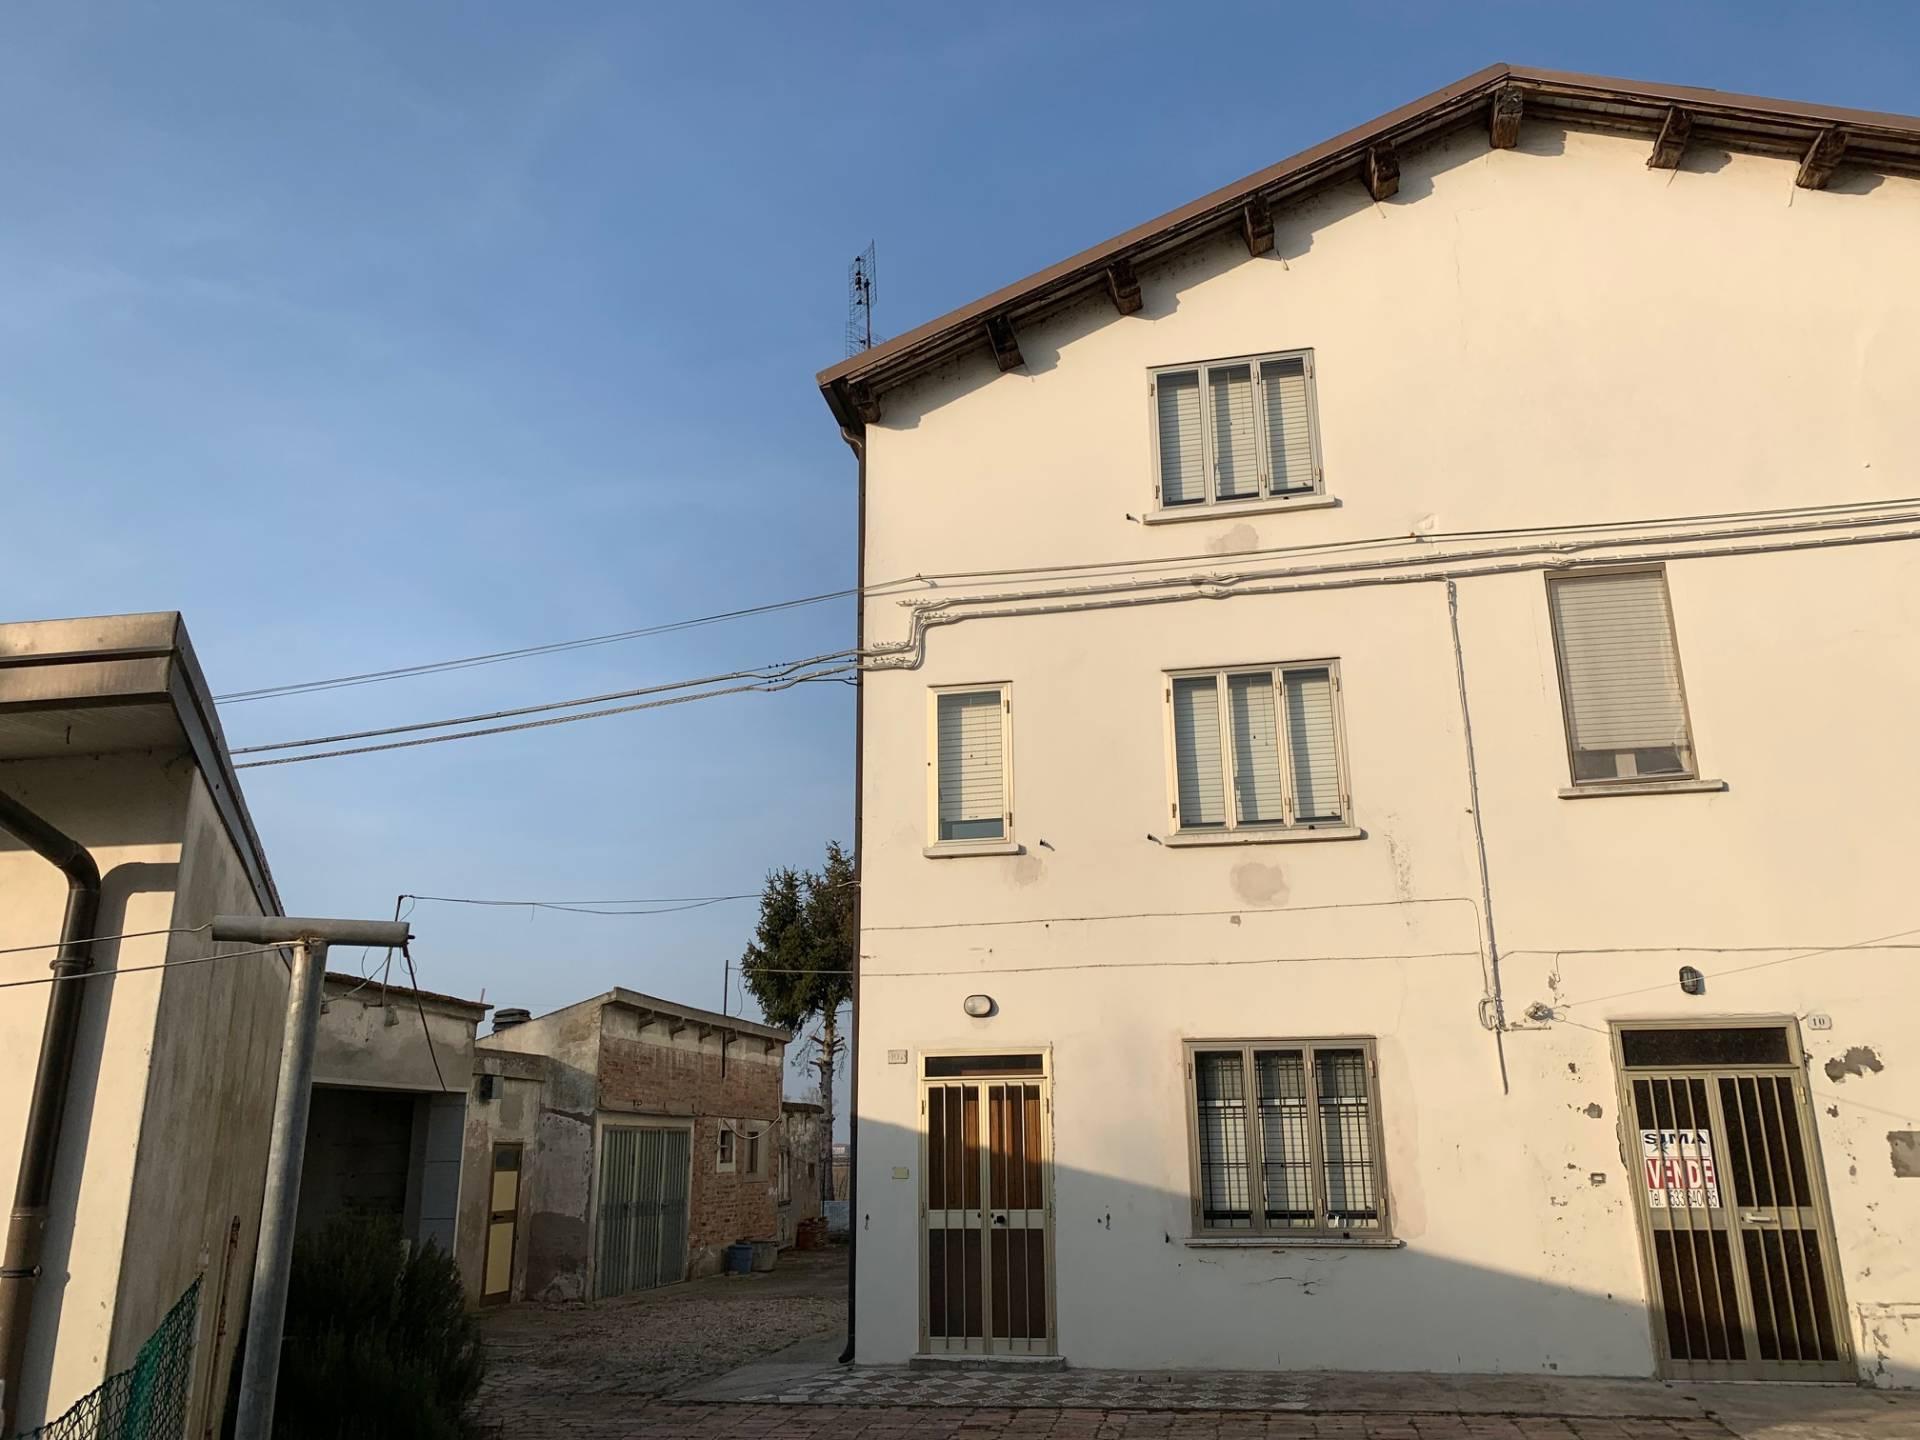 Foto 1 di Casa indipendente ca' sandrino, Ostellato